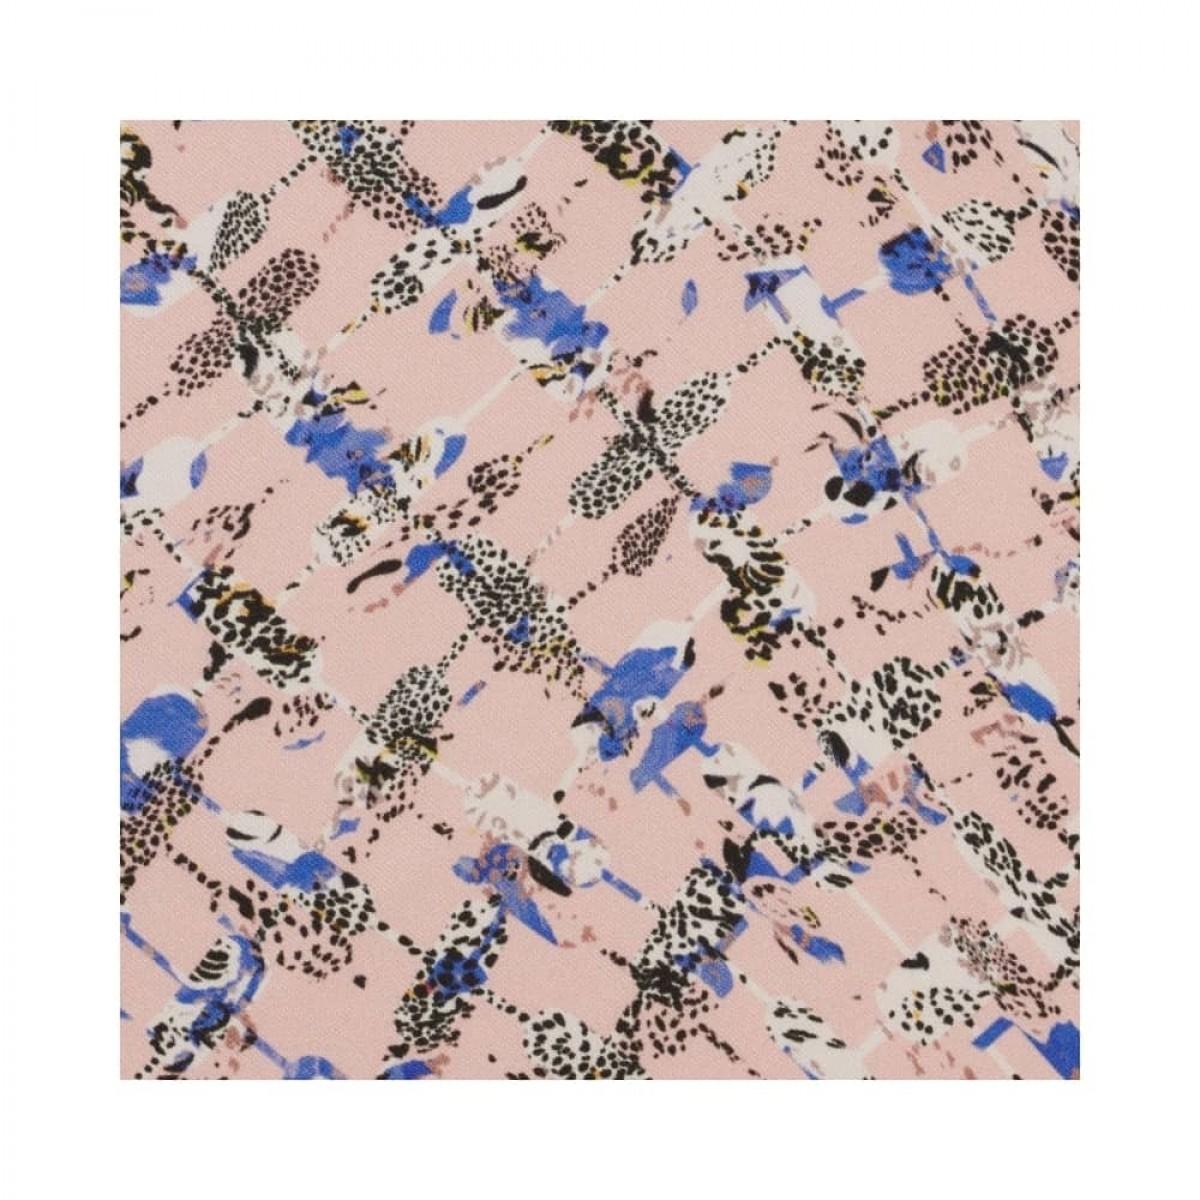 cube cheetah xs tørklæde - cheetah kufiya blush - print